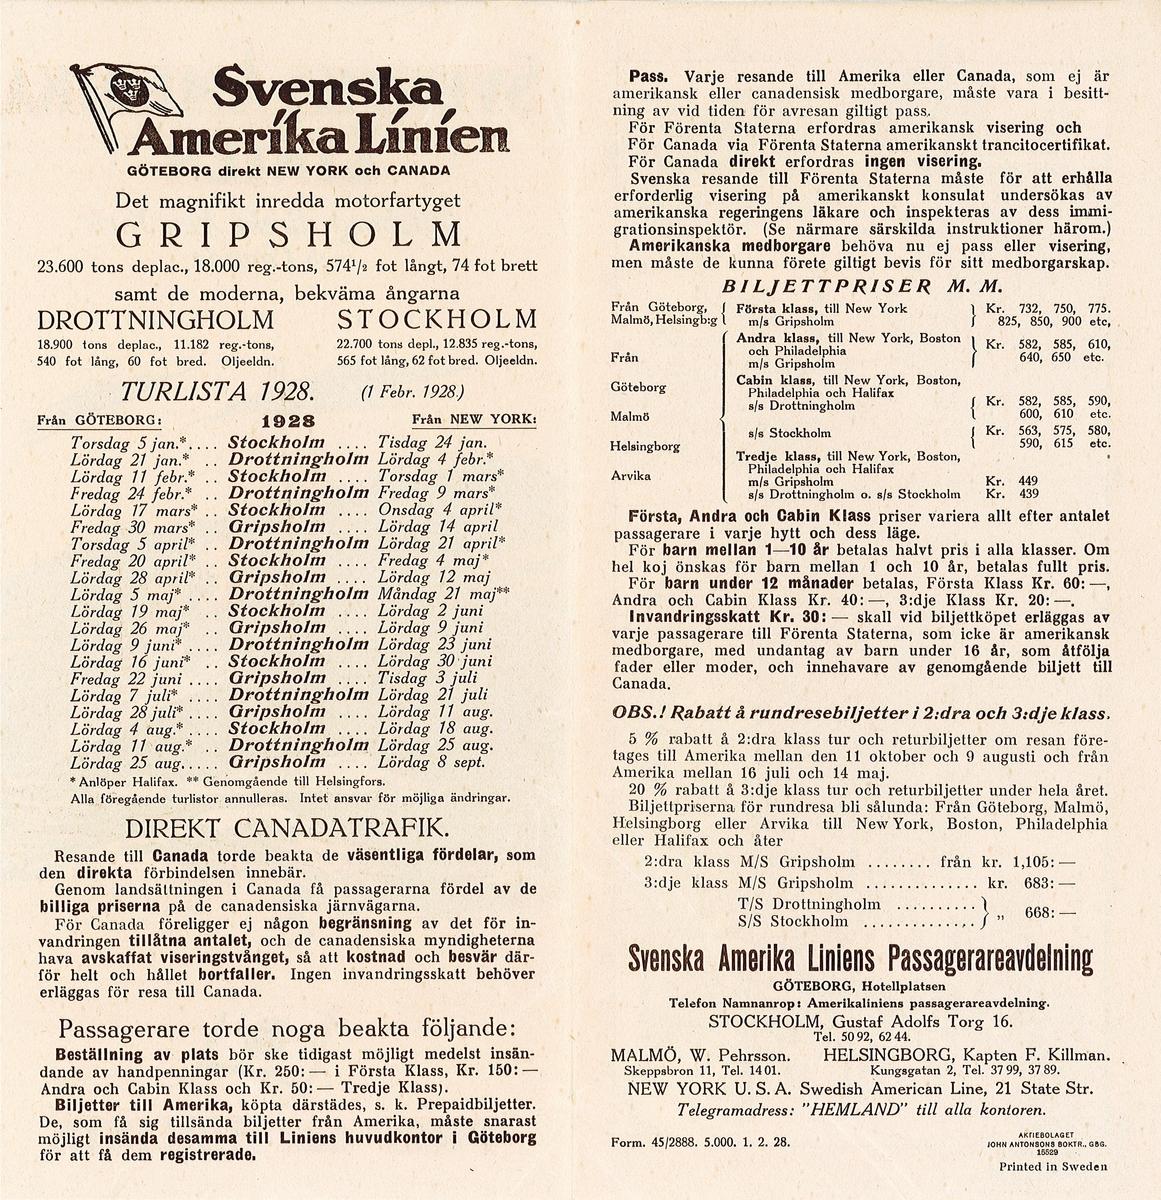 Pris och turlista för Svenska amerika linien 1928. På framsidan målning av fartyget GRIPSHOLM som passerar en fyr. På baksidan karta över atlanten som visar rutterna mellan Göteborg och Halifax och New York. Insidan: turlista samt allmän information om resevillkor.